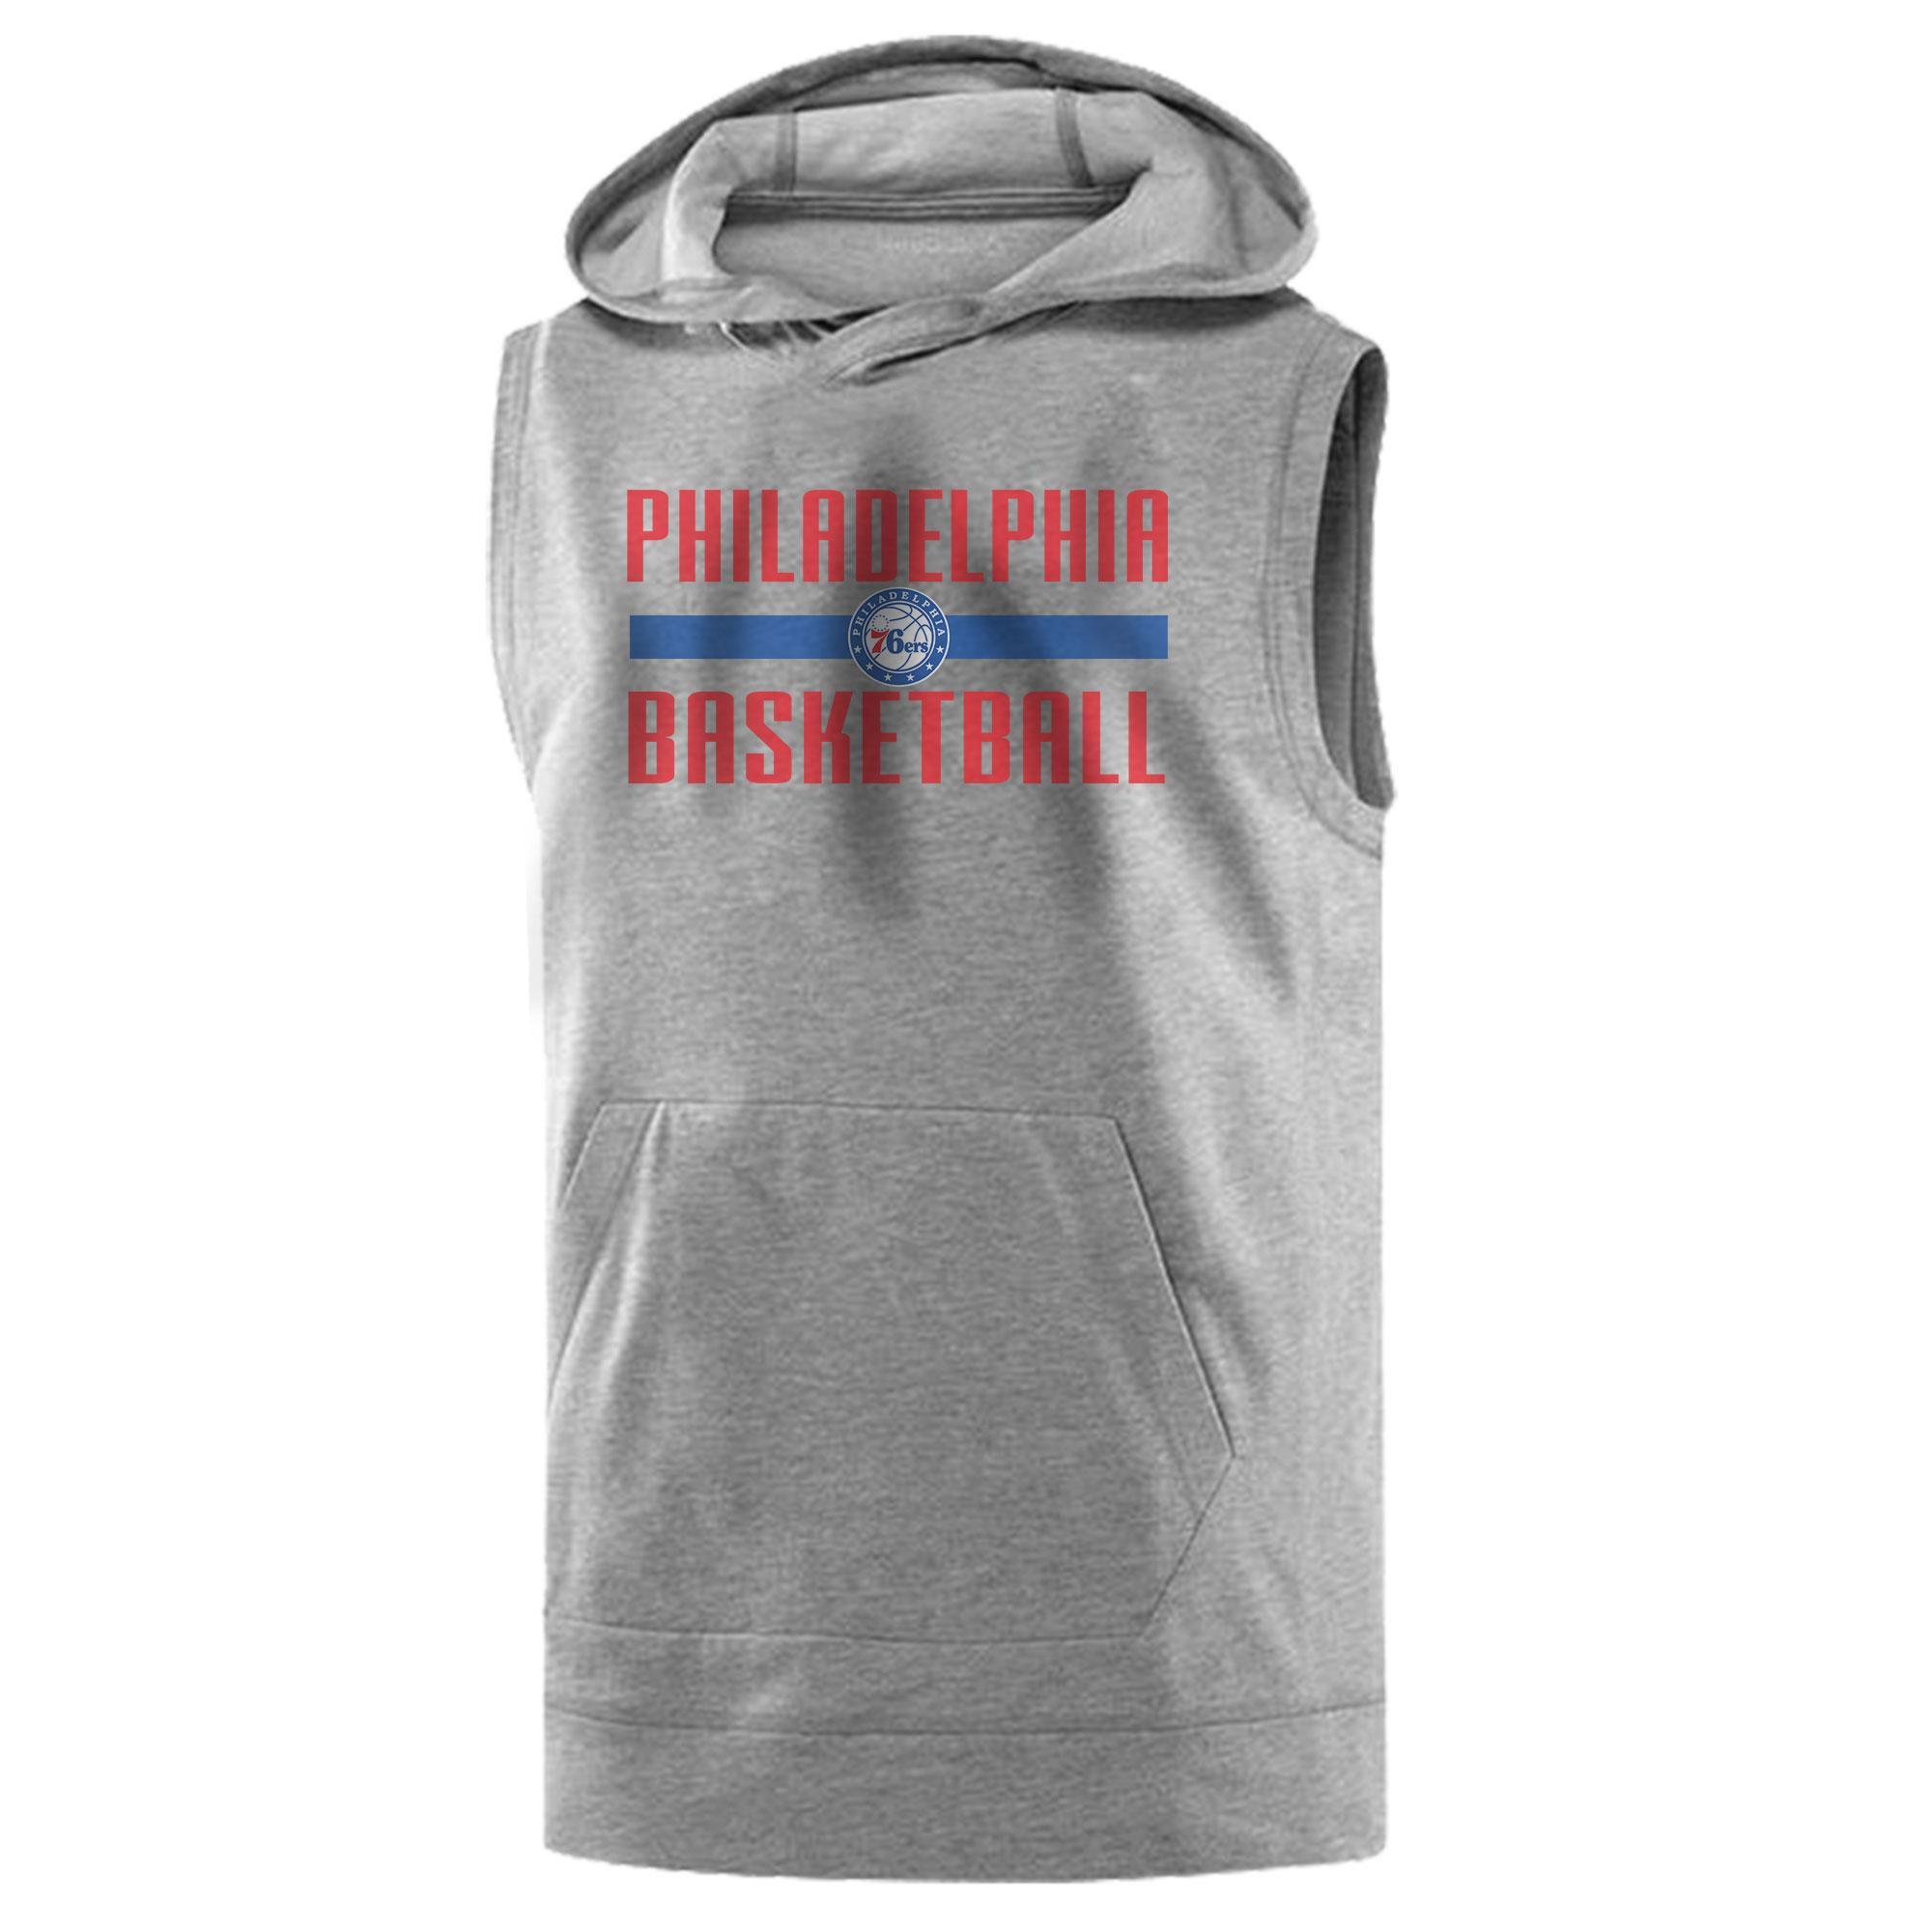 Philadelphia Basketball Sleeveless (KLS-GRY-NP-phila.bsktbll-534)